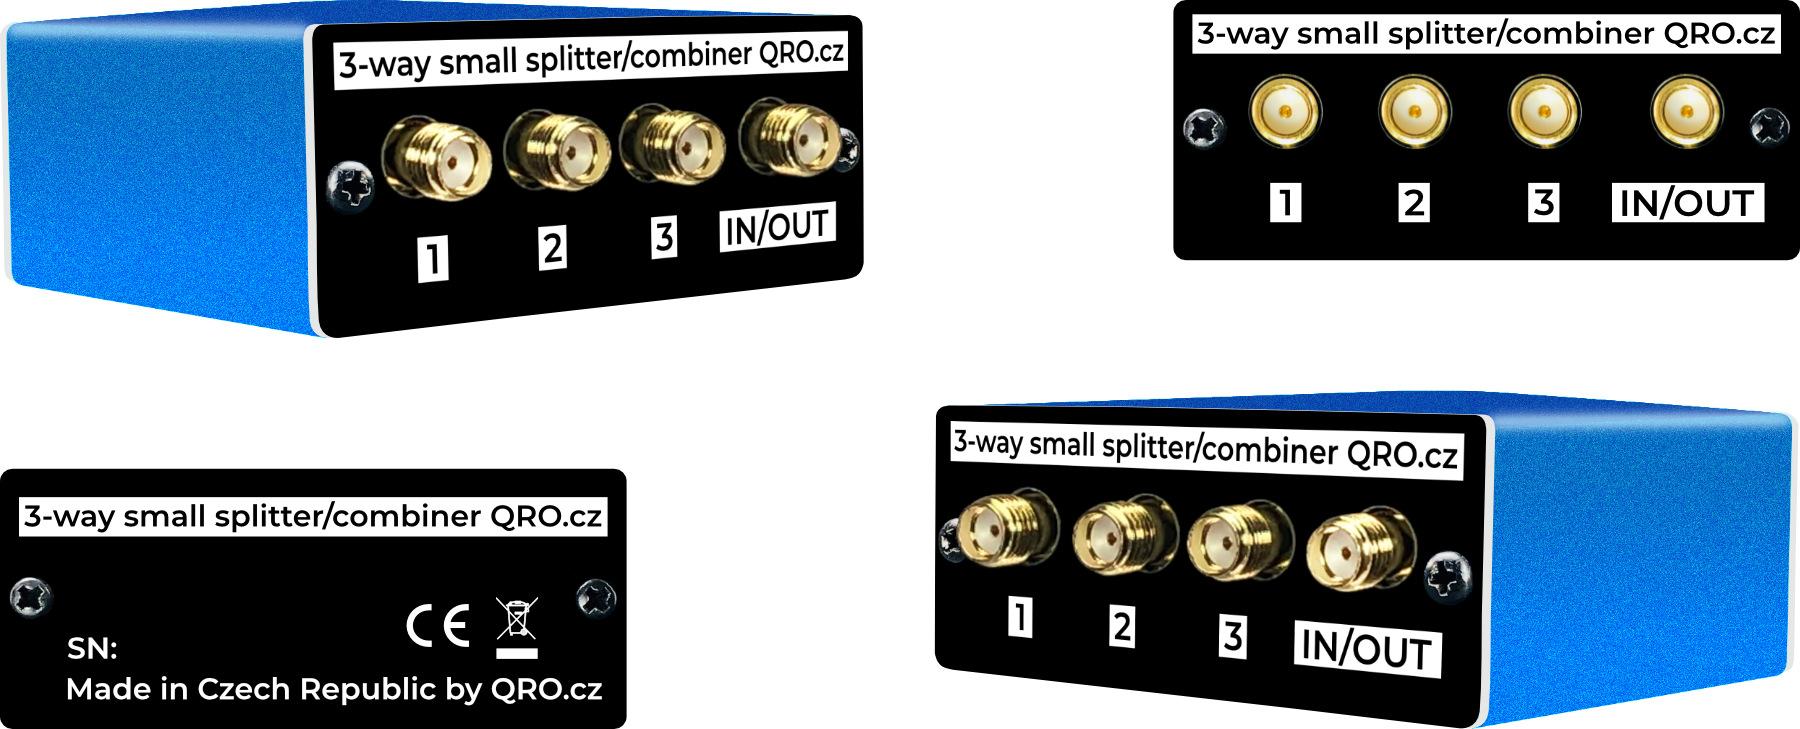 3way small splitter in box assembled qro.cz hamparts.shop